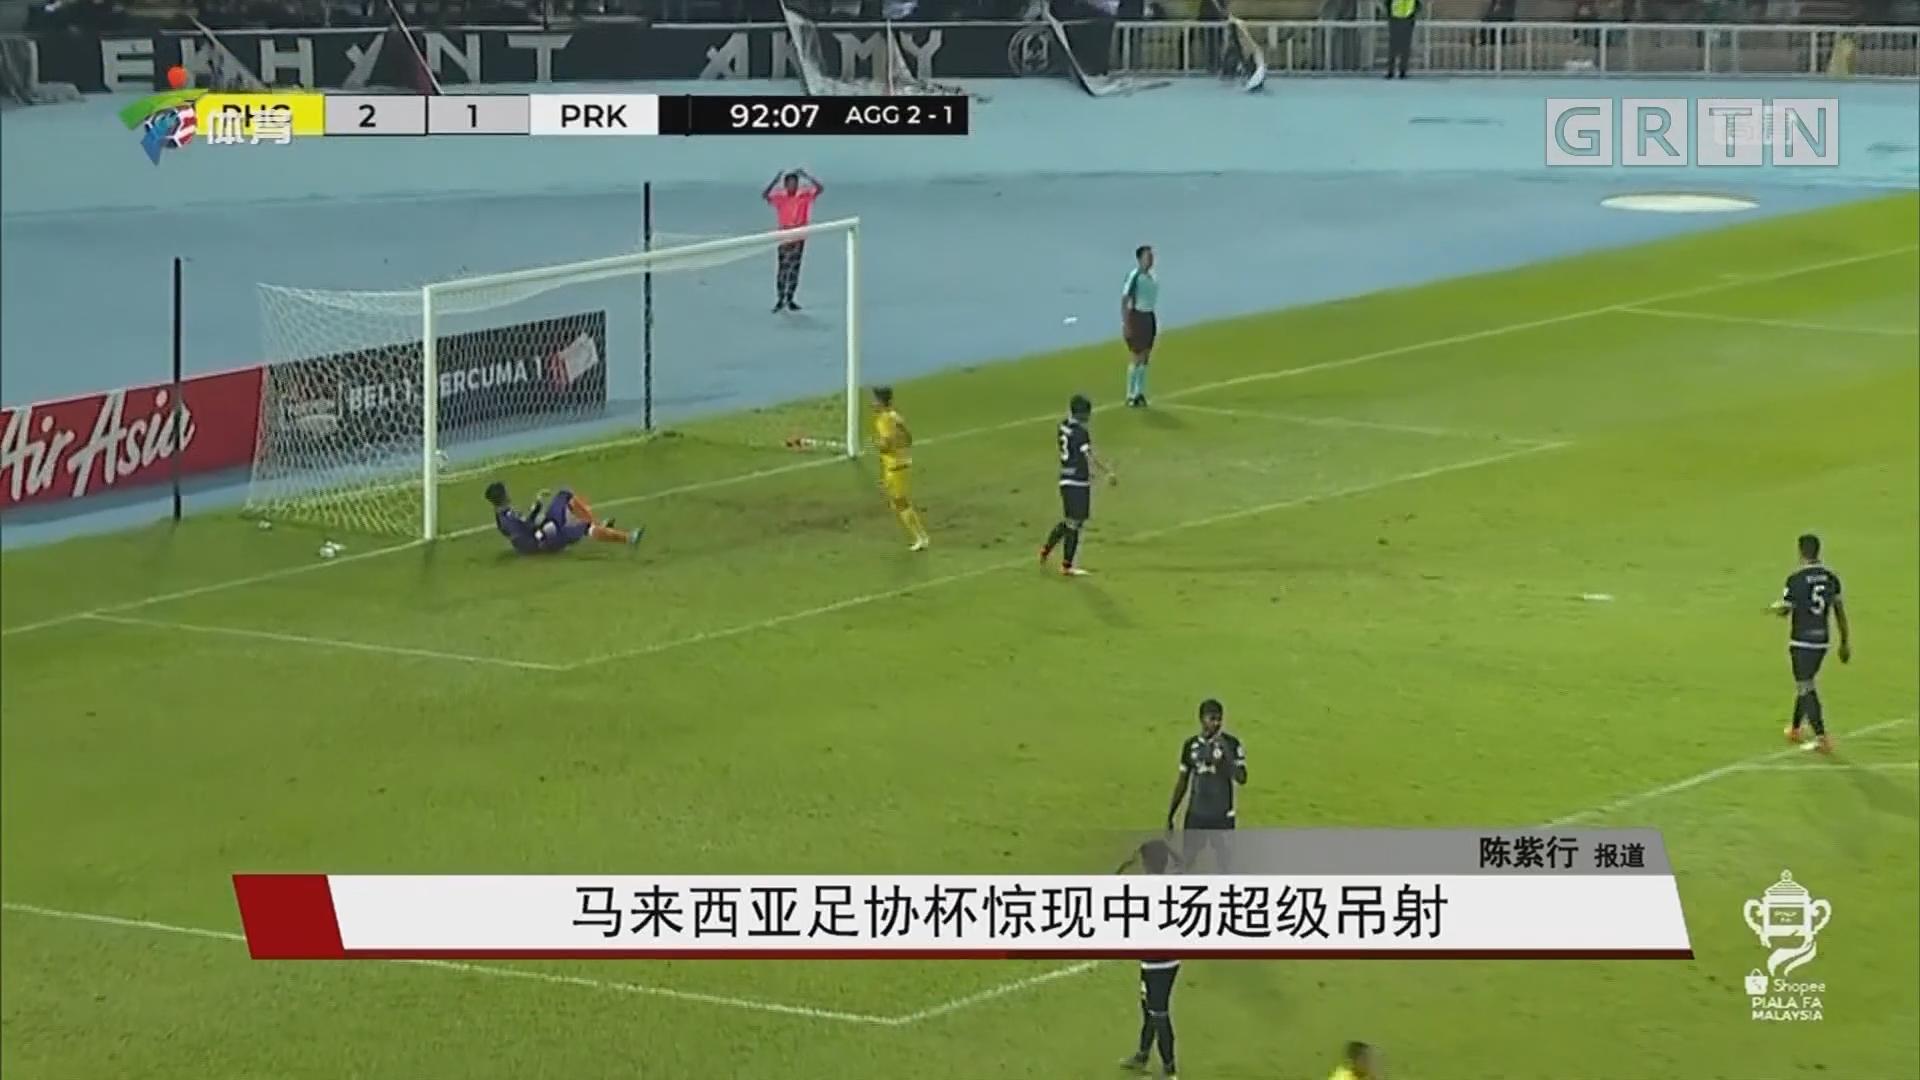 马来西亚足协杯惊现中场超级吊射